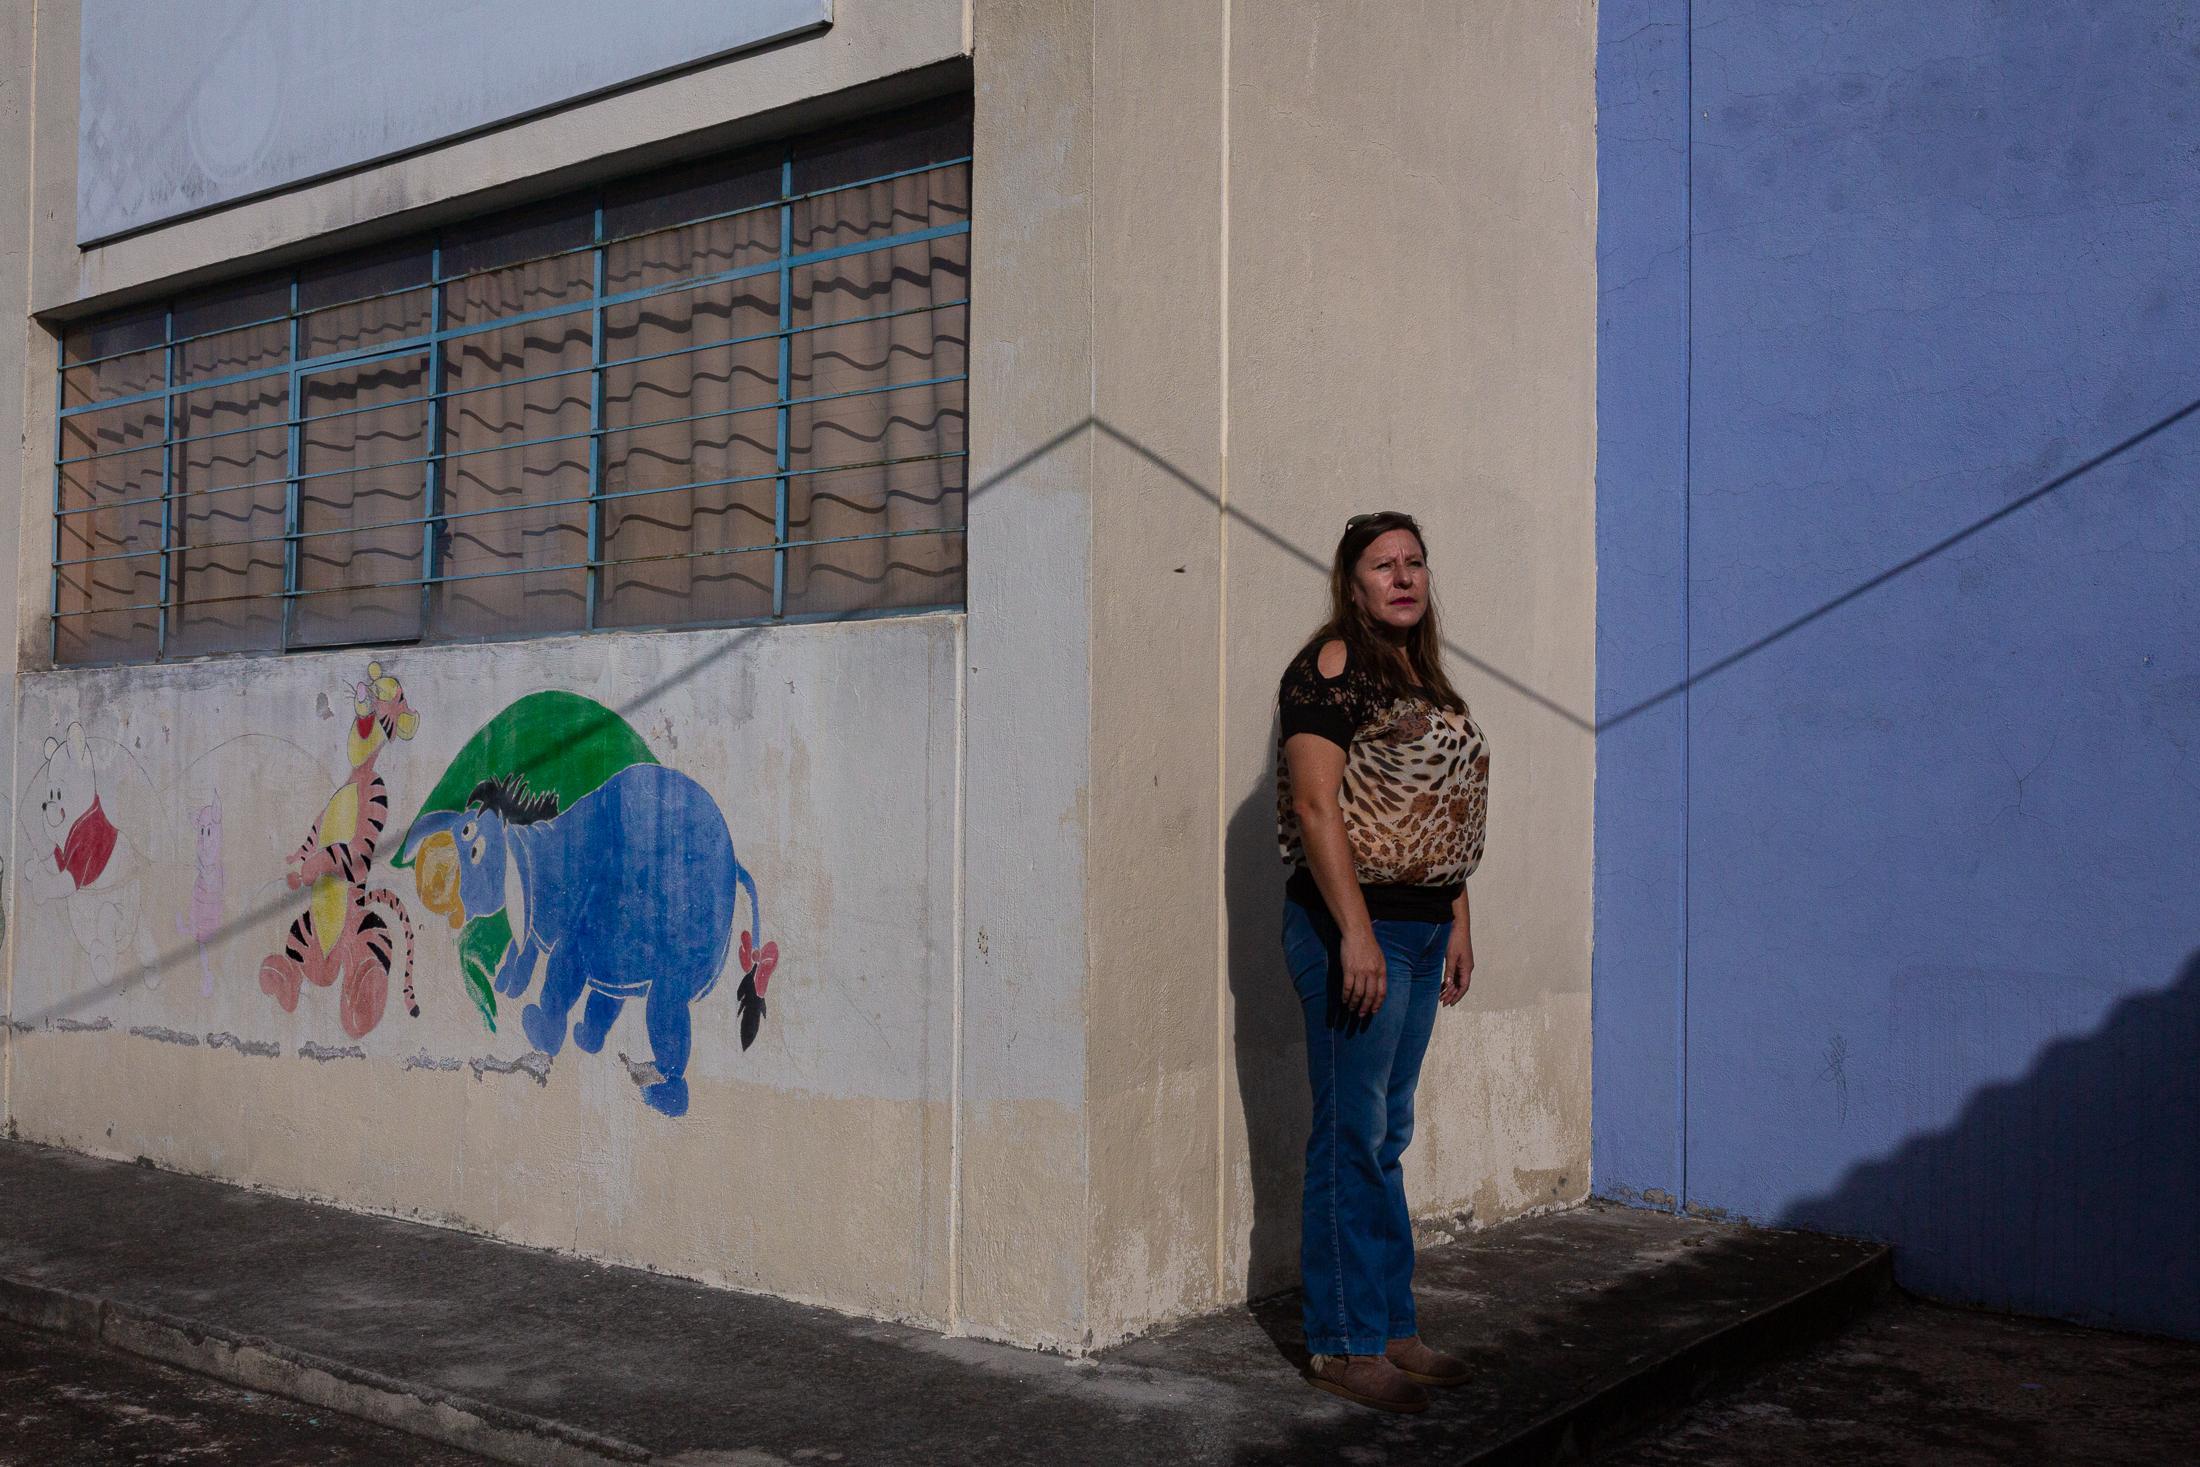 Wendy Morales (44), directora de la escuela de la parroquia rural de Cotogchoa, hace todo lo posible para que la mayoría de sus estudiantes puedan seguir estudiando. Ella lidera algunas iniciativas para poder ayudar a los estudiantes que no tienen acceso a internet o que tienen dificultades económicas. 26 de mayo de 2020. Cotogchoa-Ecuador. Andrés Yépez.